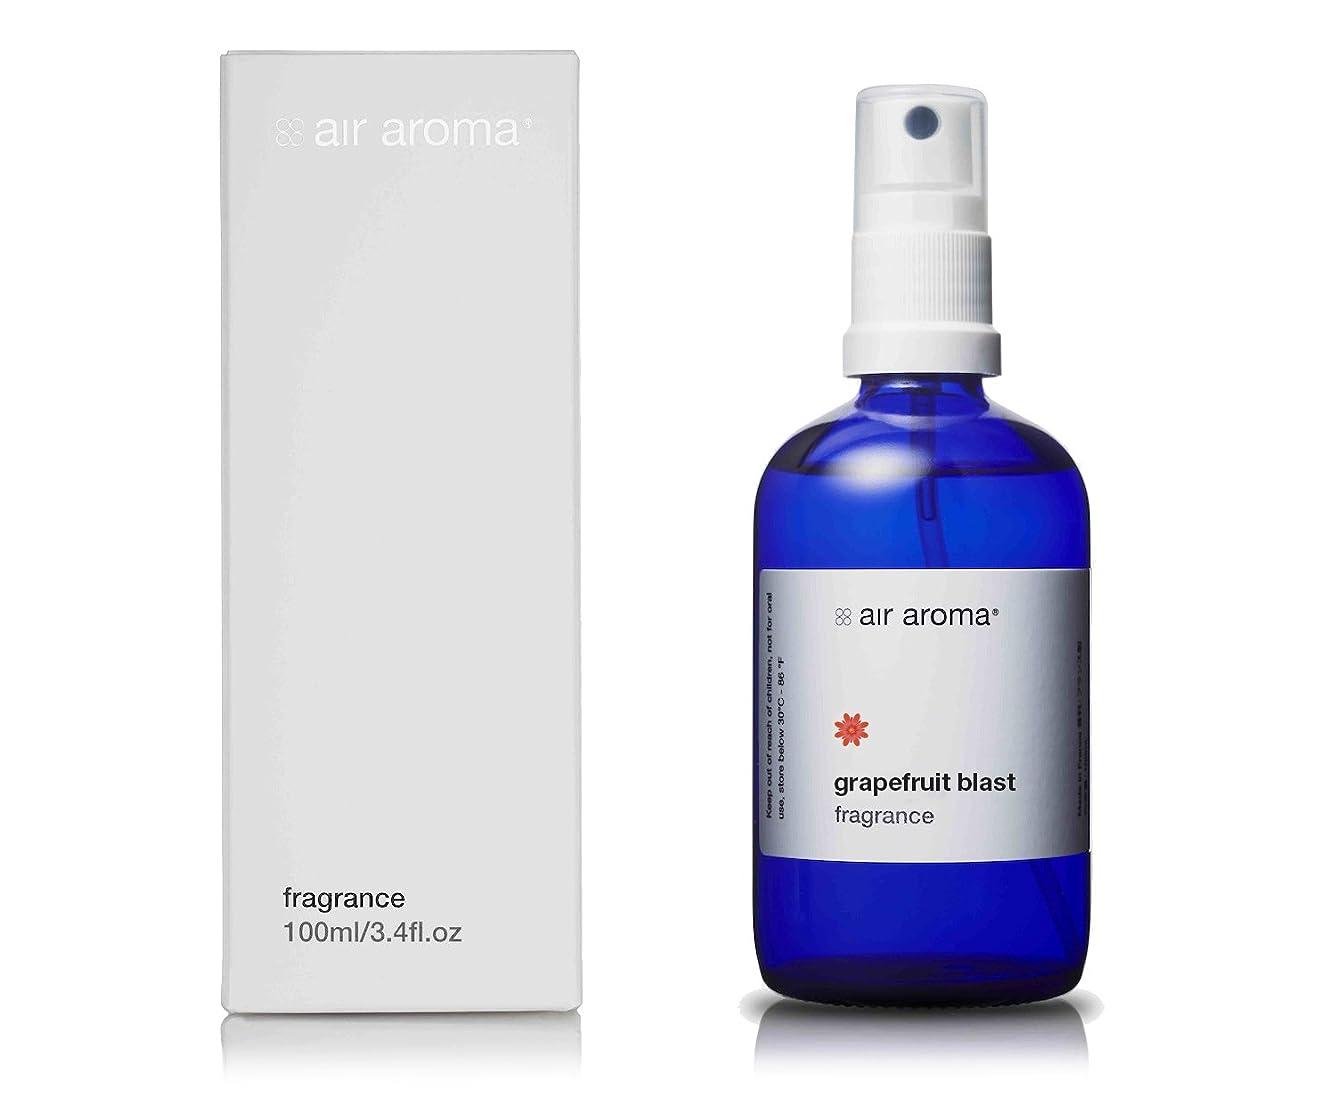 男らしいマルクス主義幽霊エアアロマ grapefruit blast room fragrance(グレープフルーツブラストルームフレグランス)100ml